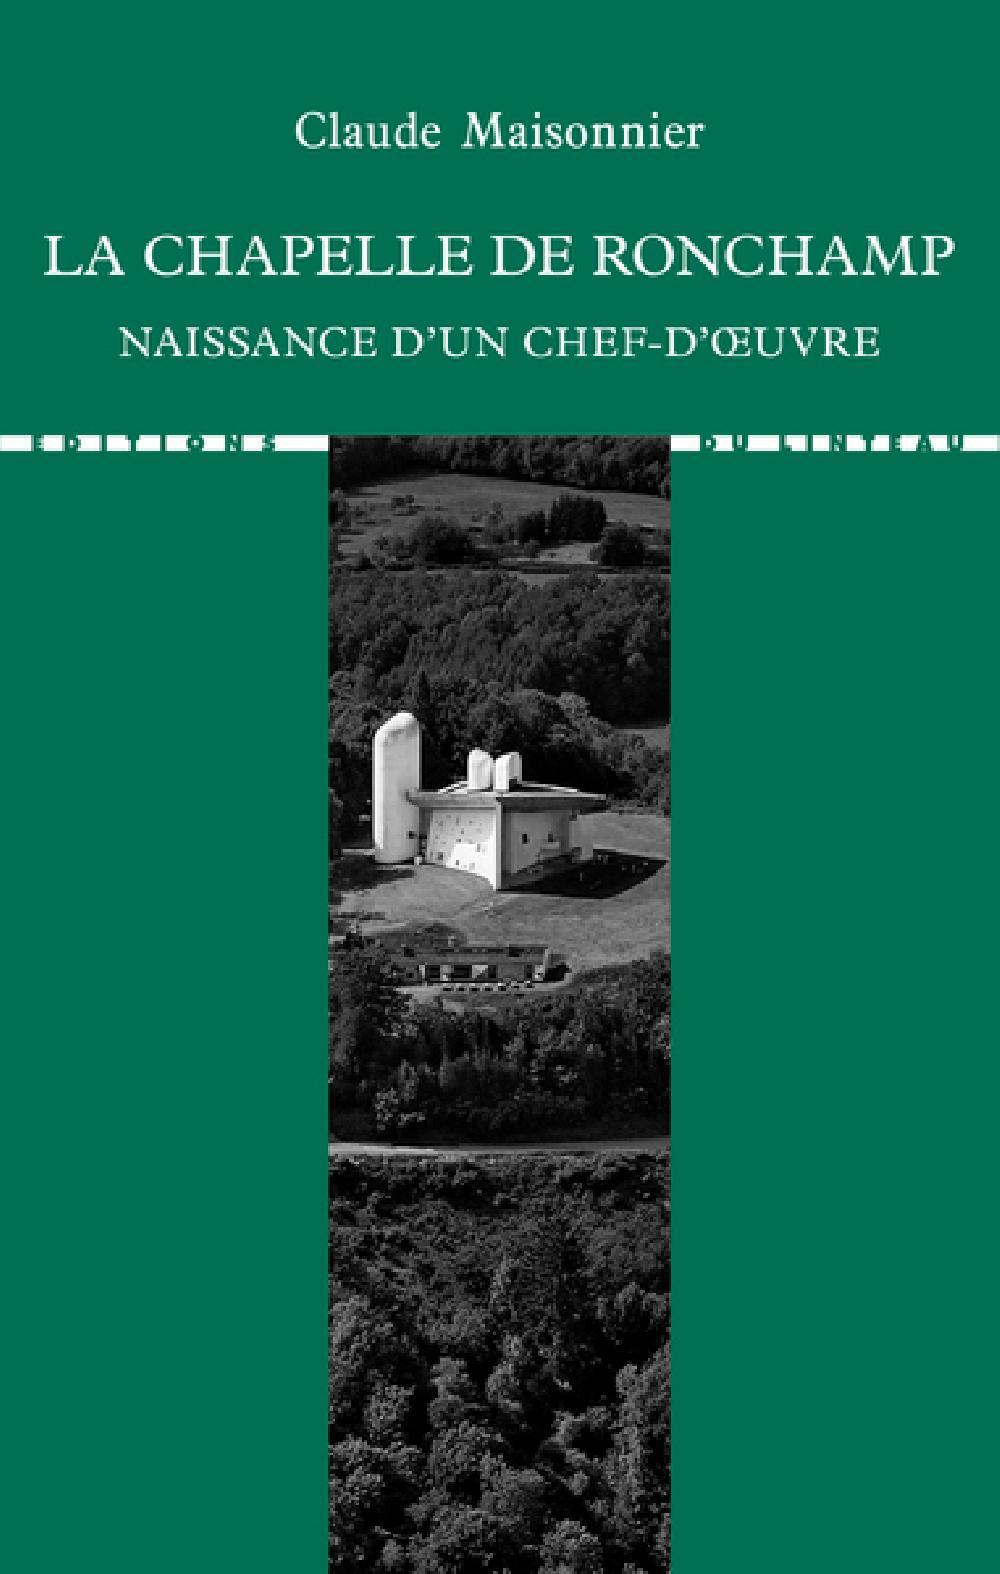 La chapelle de Ronchamp - Naissance d'un chef-d'oeuvre